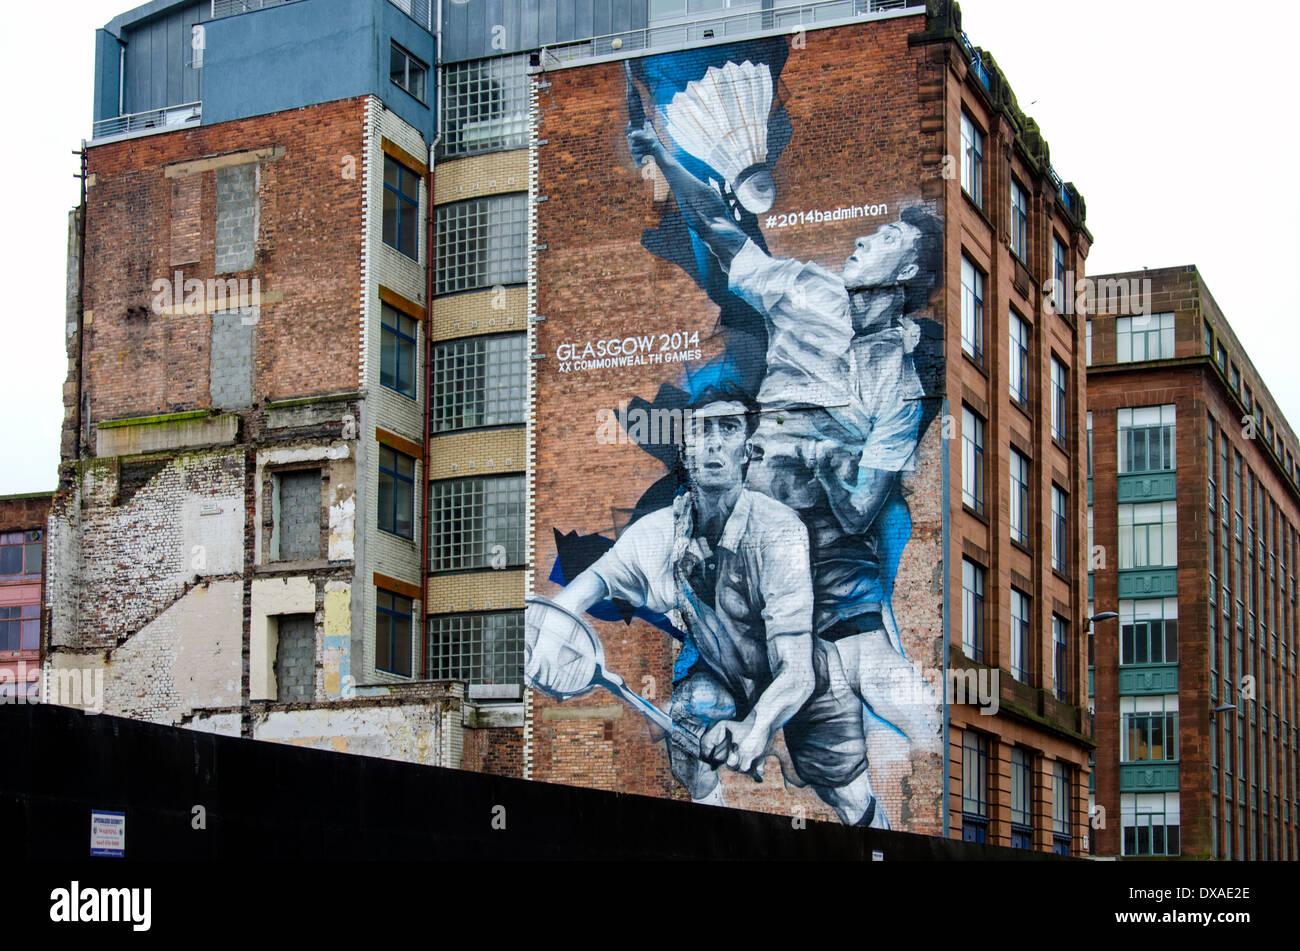 Un mural que dos jugadores de bádminton en un edificio en el centro de la ciudad de Glasgow publicidad el 2014 Juegos de la Commonwealth. Imagen De Stock